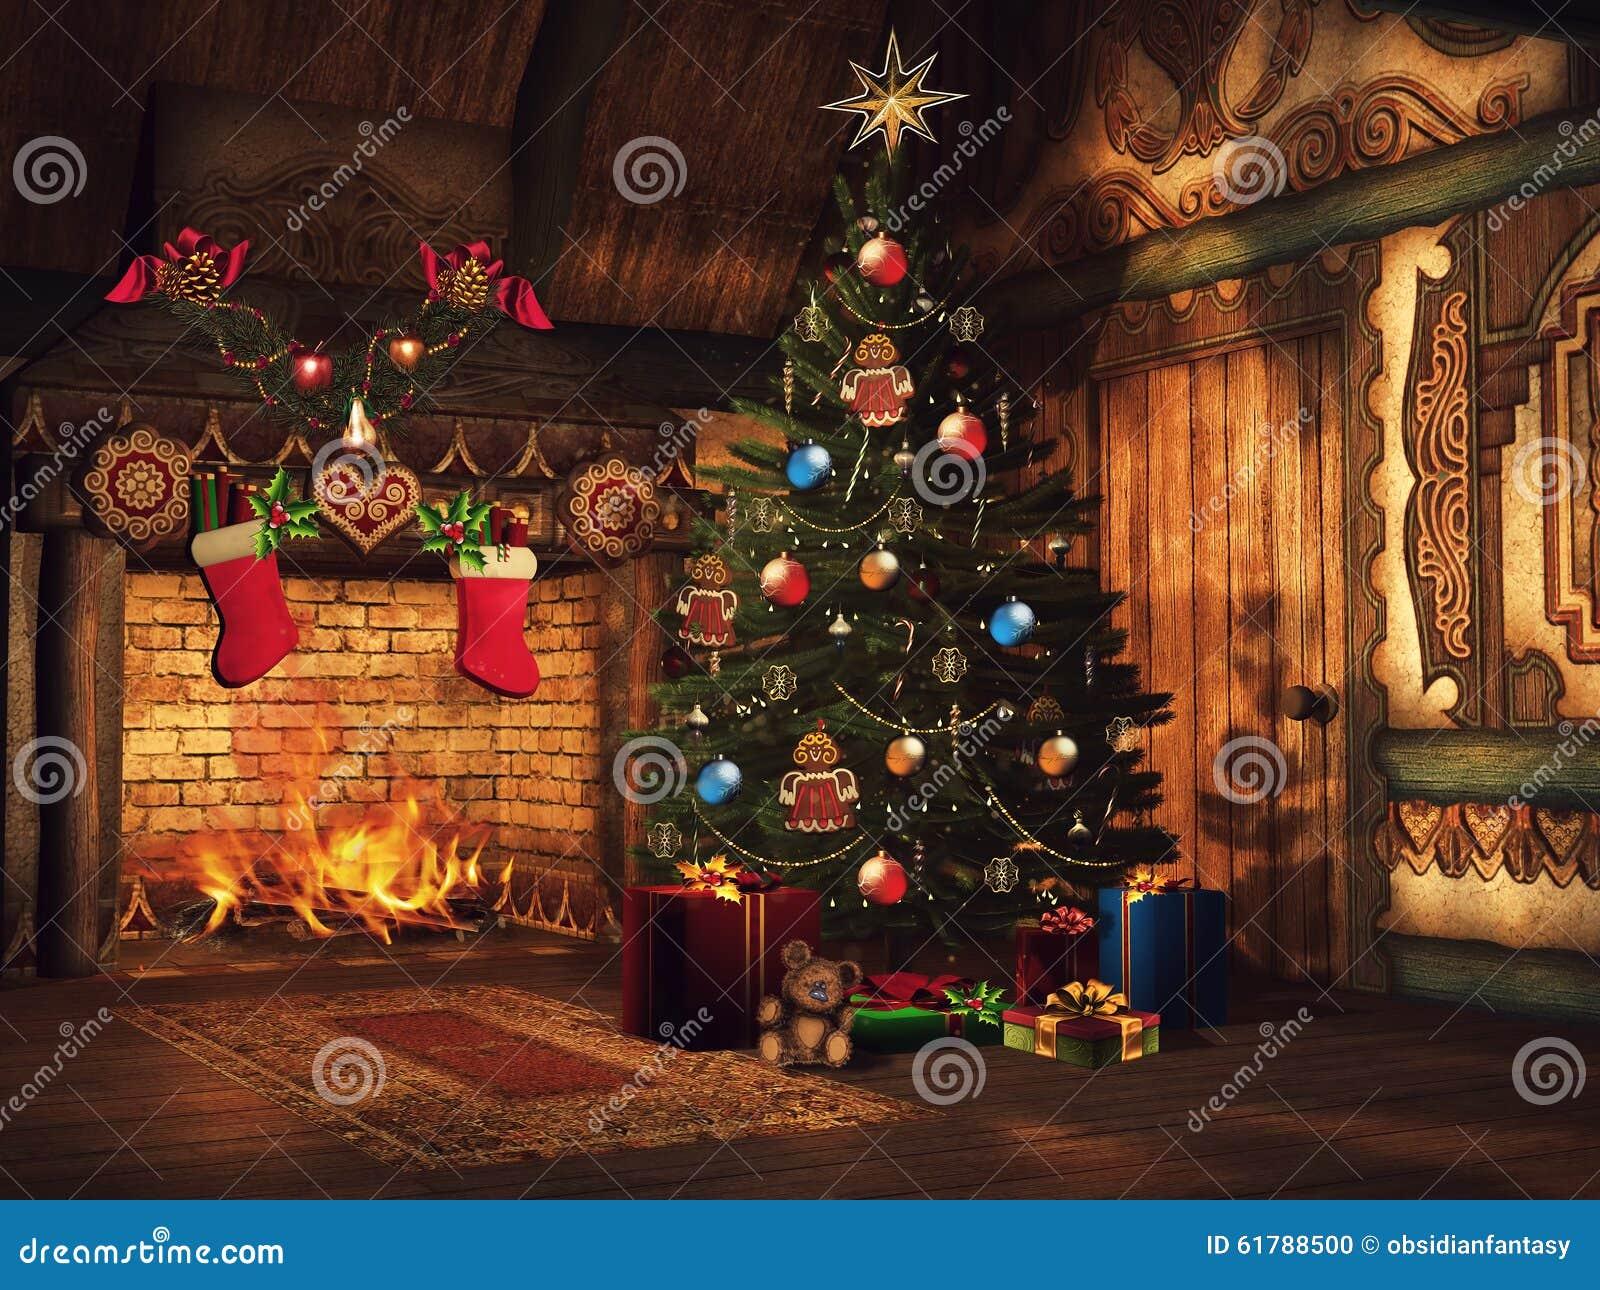 Weihnachtsbaum, Geschenke Und Ein Kamin Stock Abbildung ...